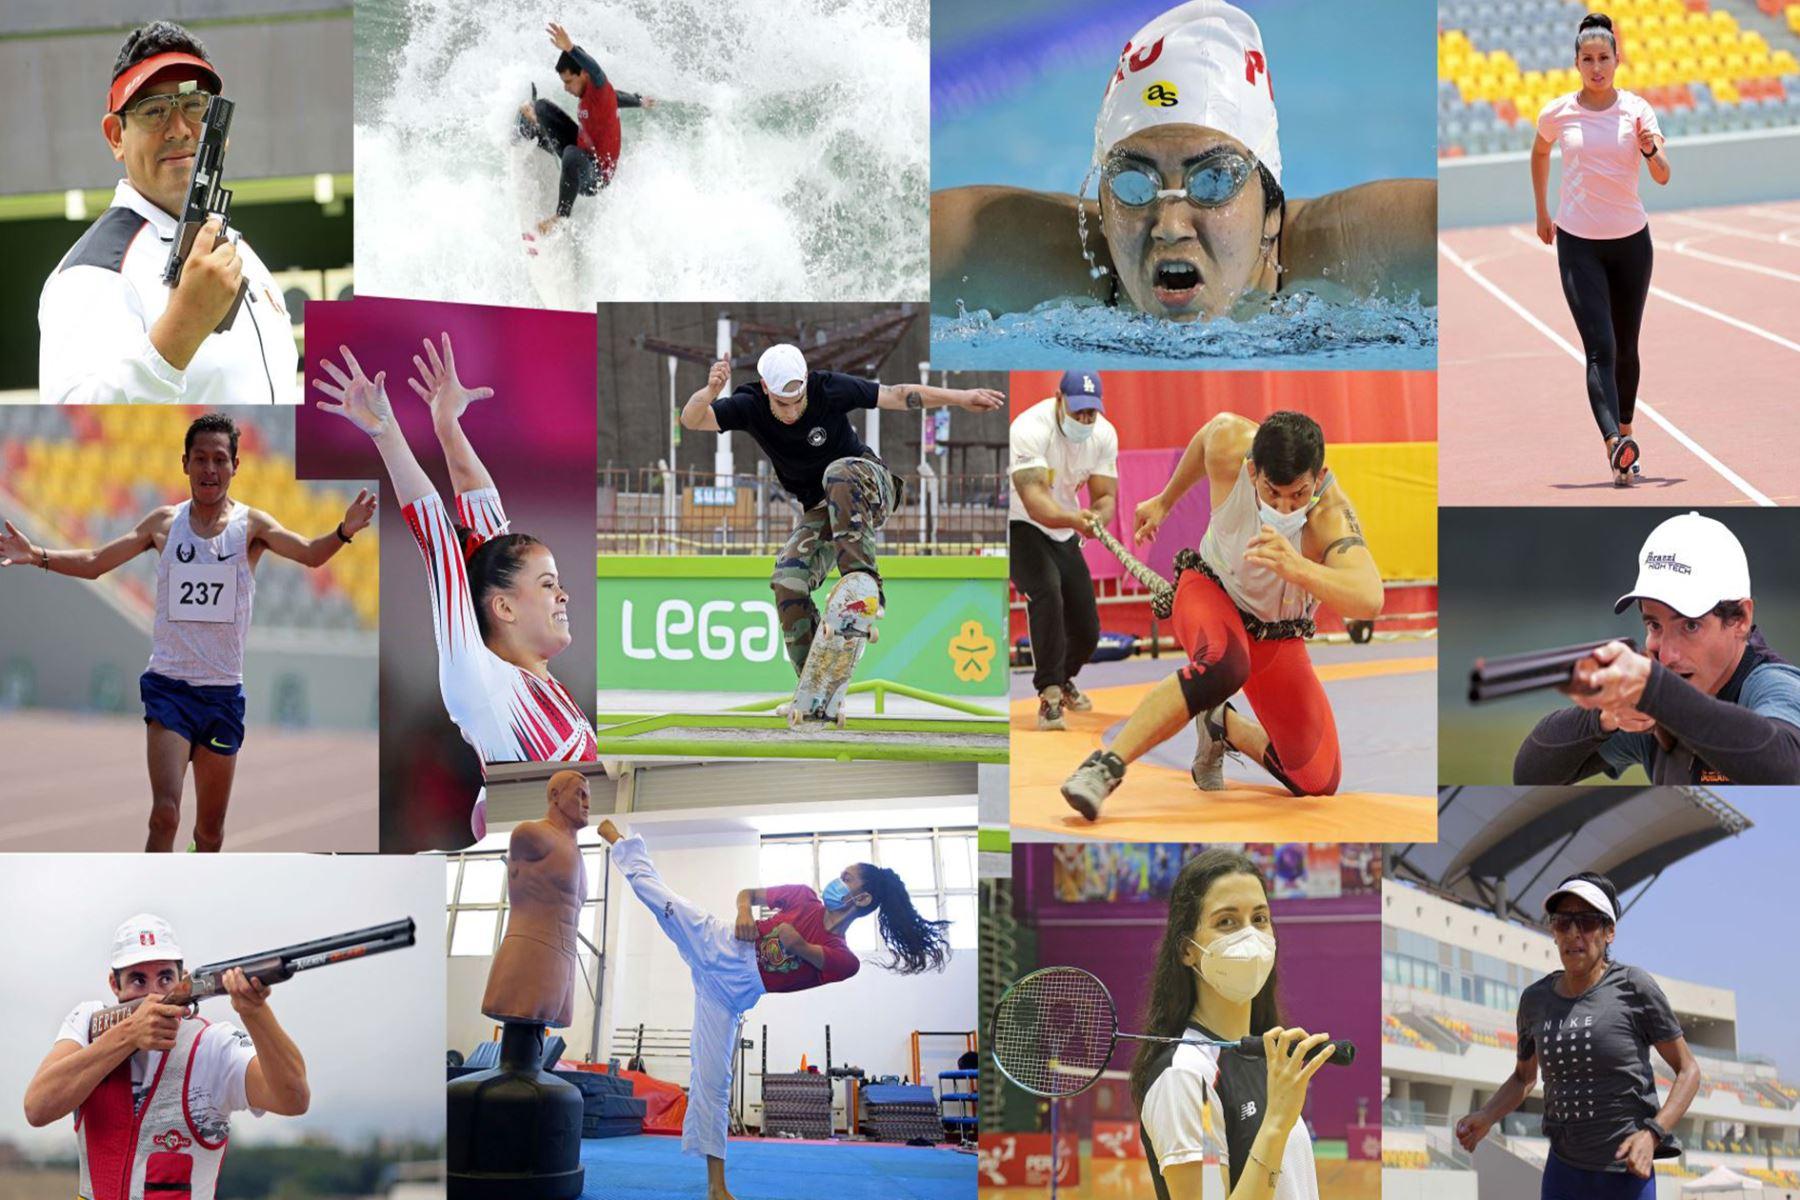 Las sedes Legado, aliados en la preparación de atletas peruanos para Tokio 2020